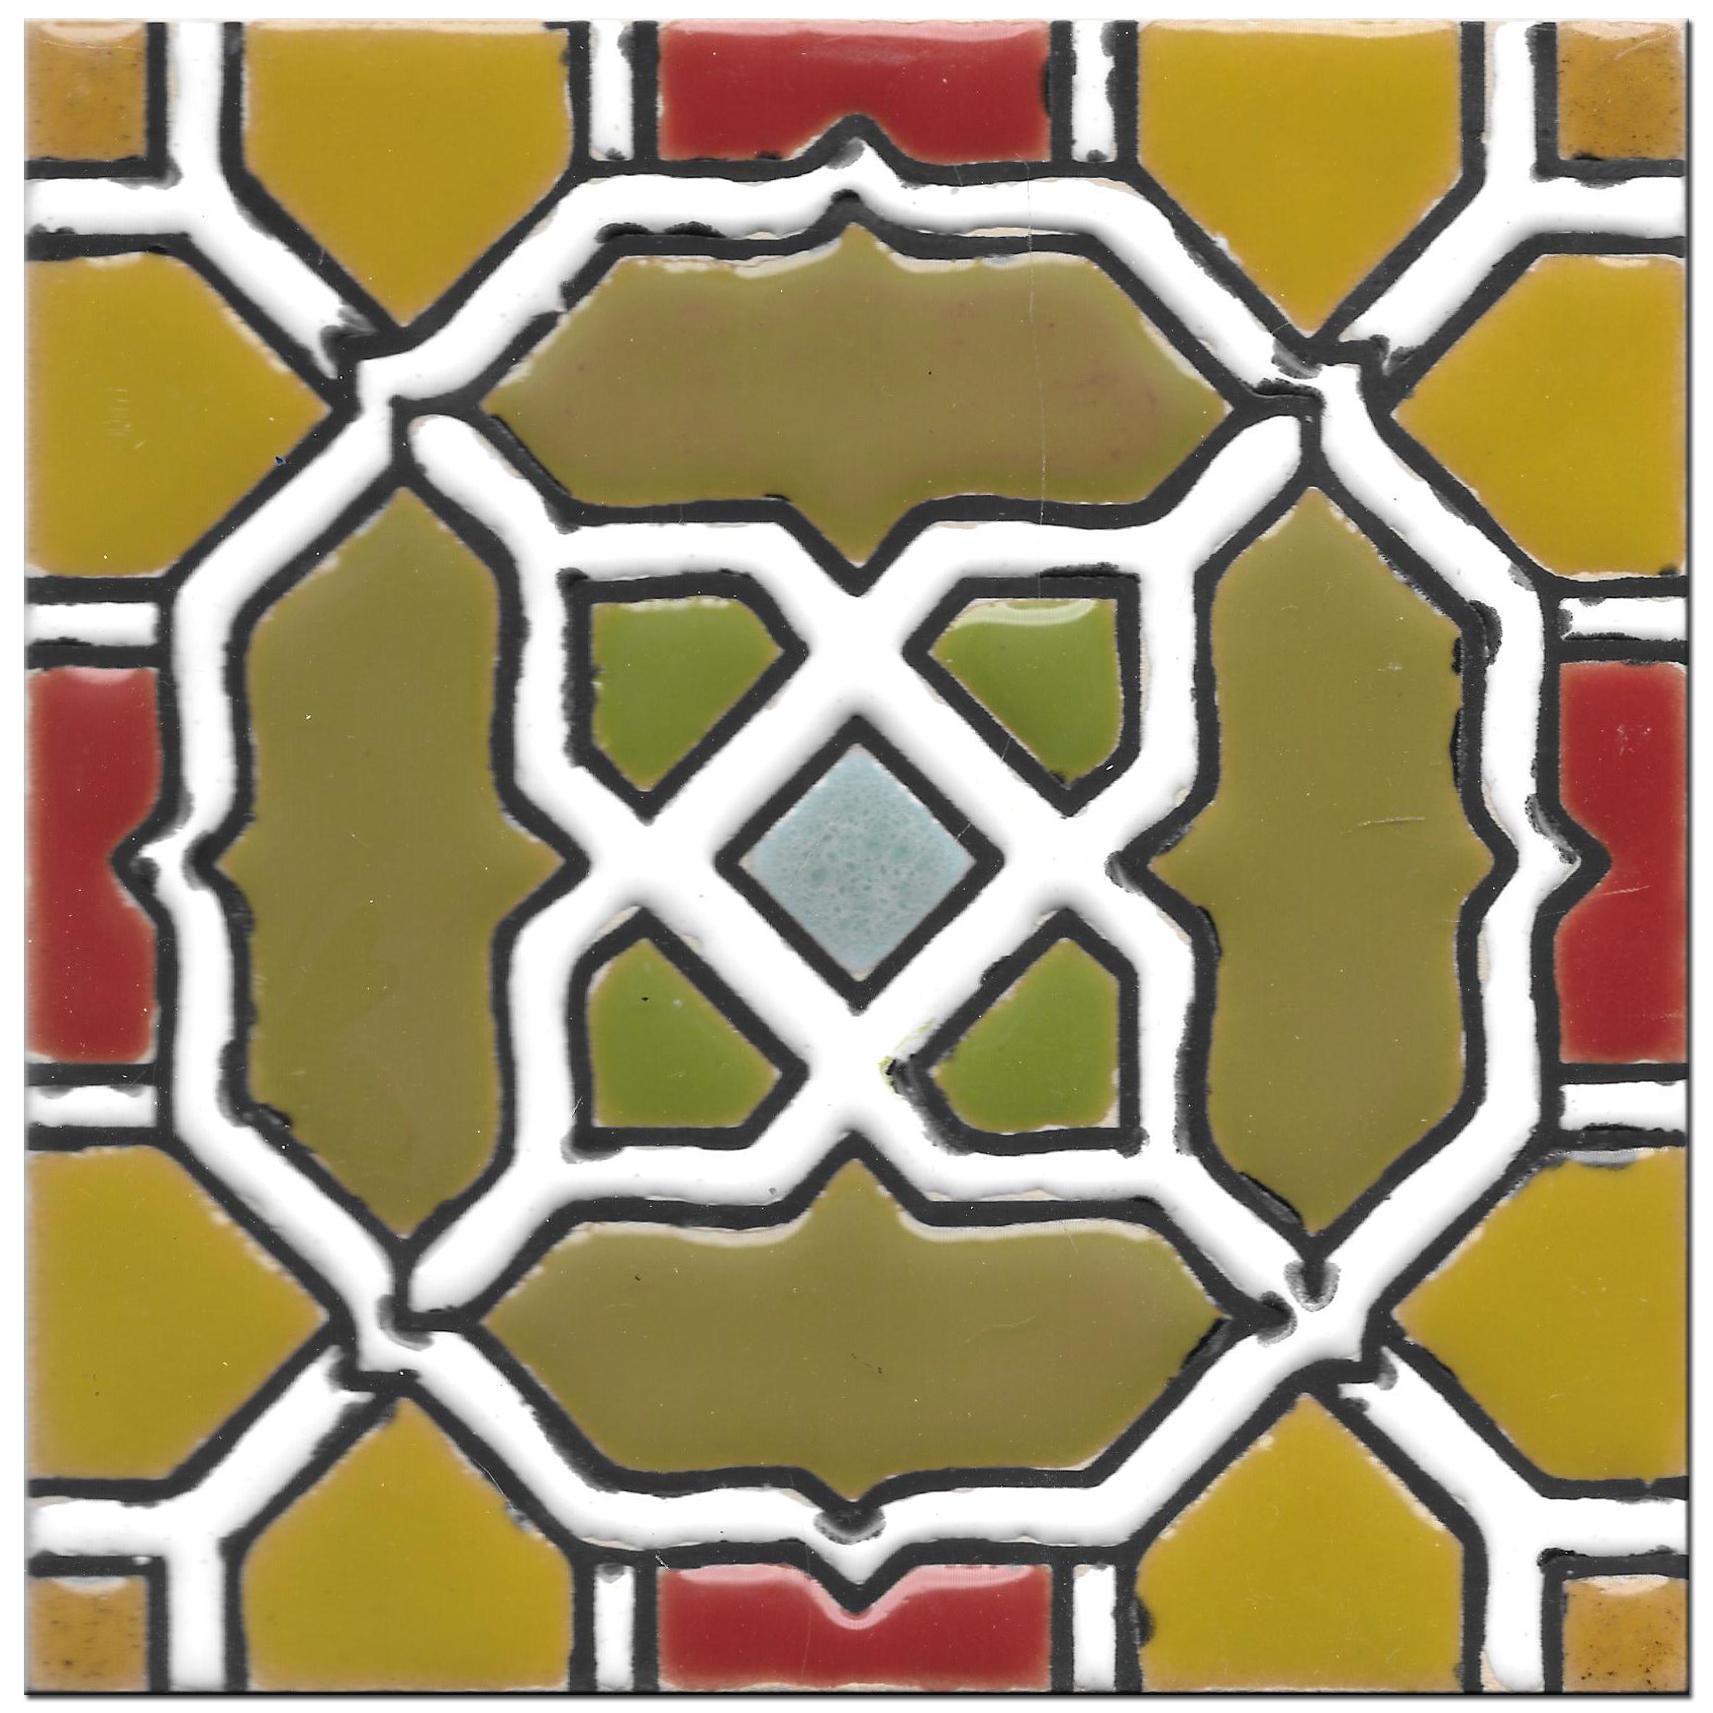 Handmade tile 14x14cm - Spanish Arabic 2 - Color A